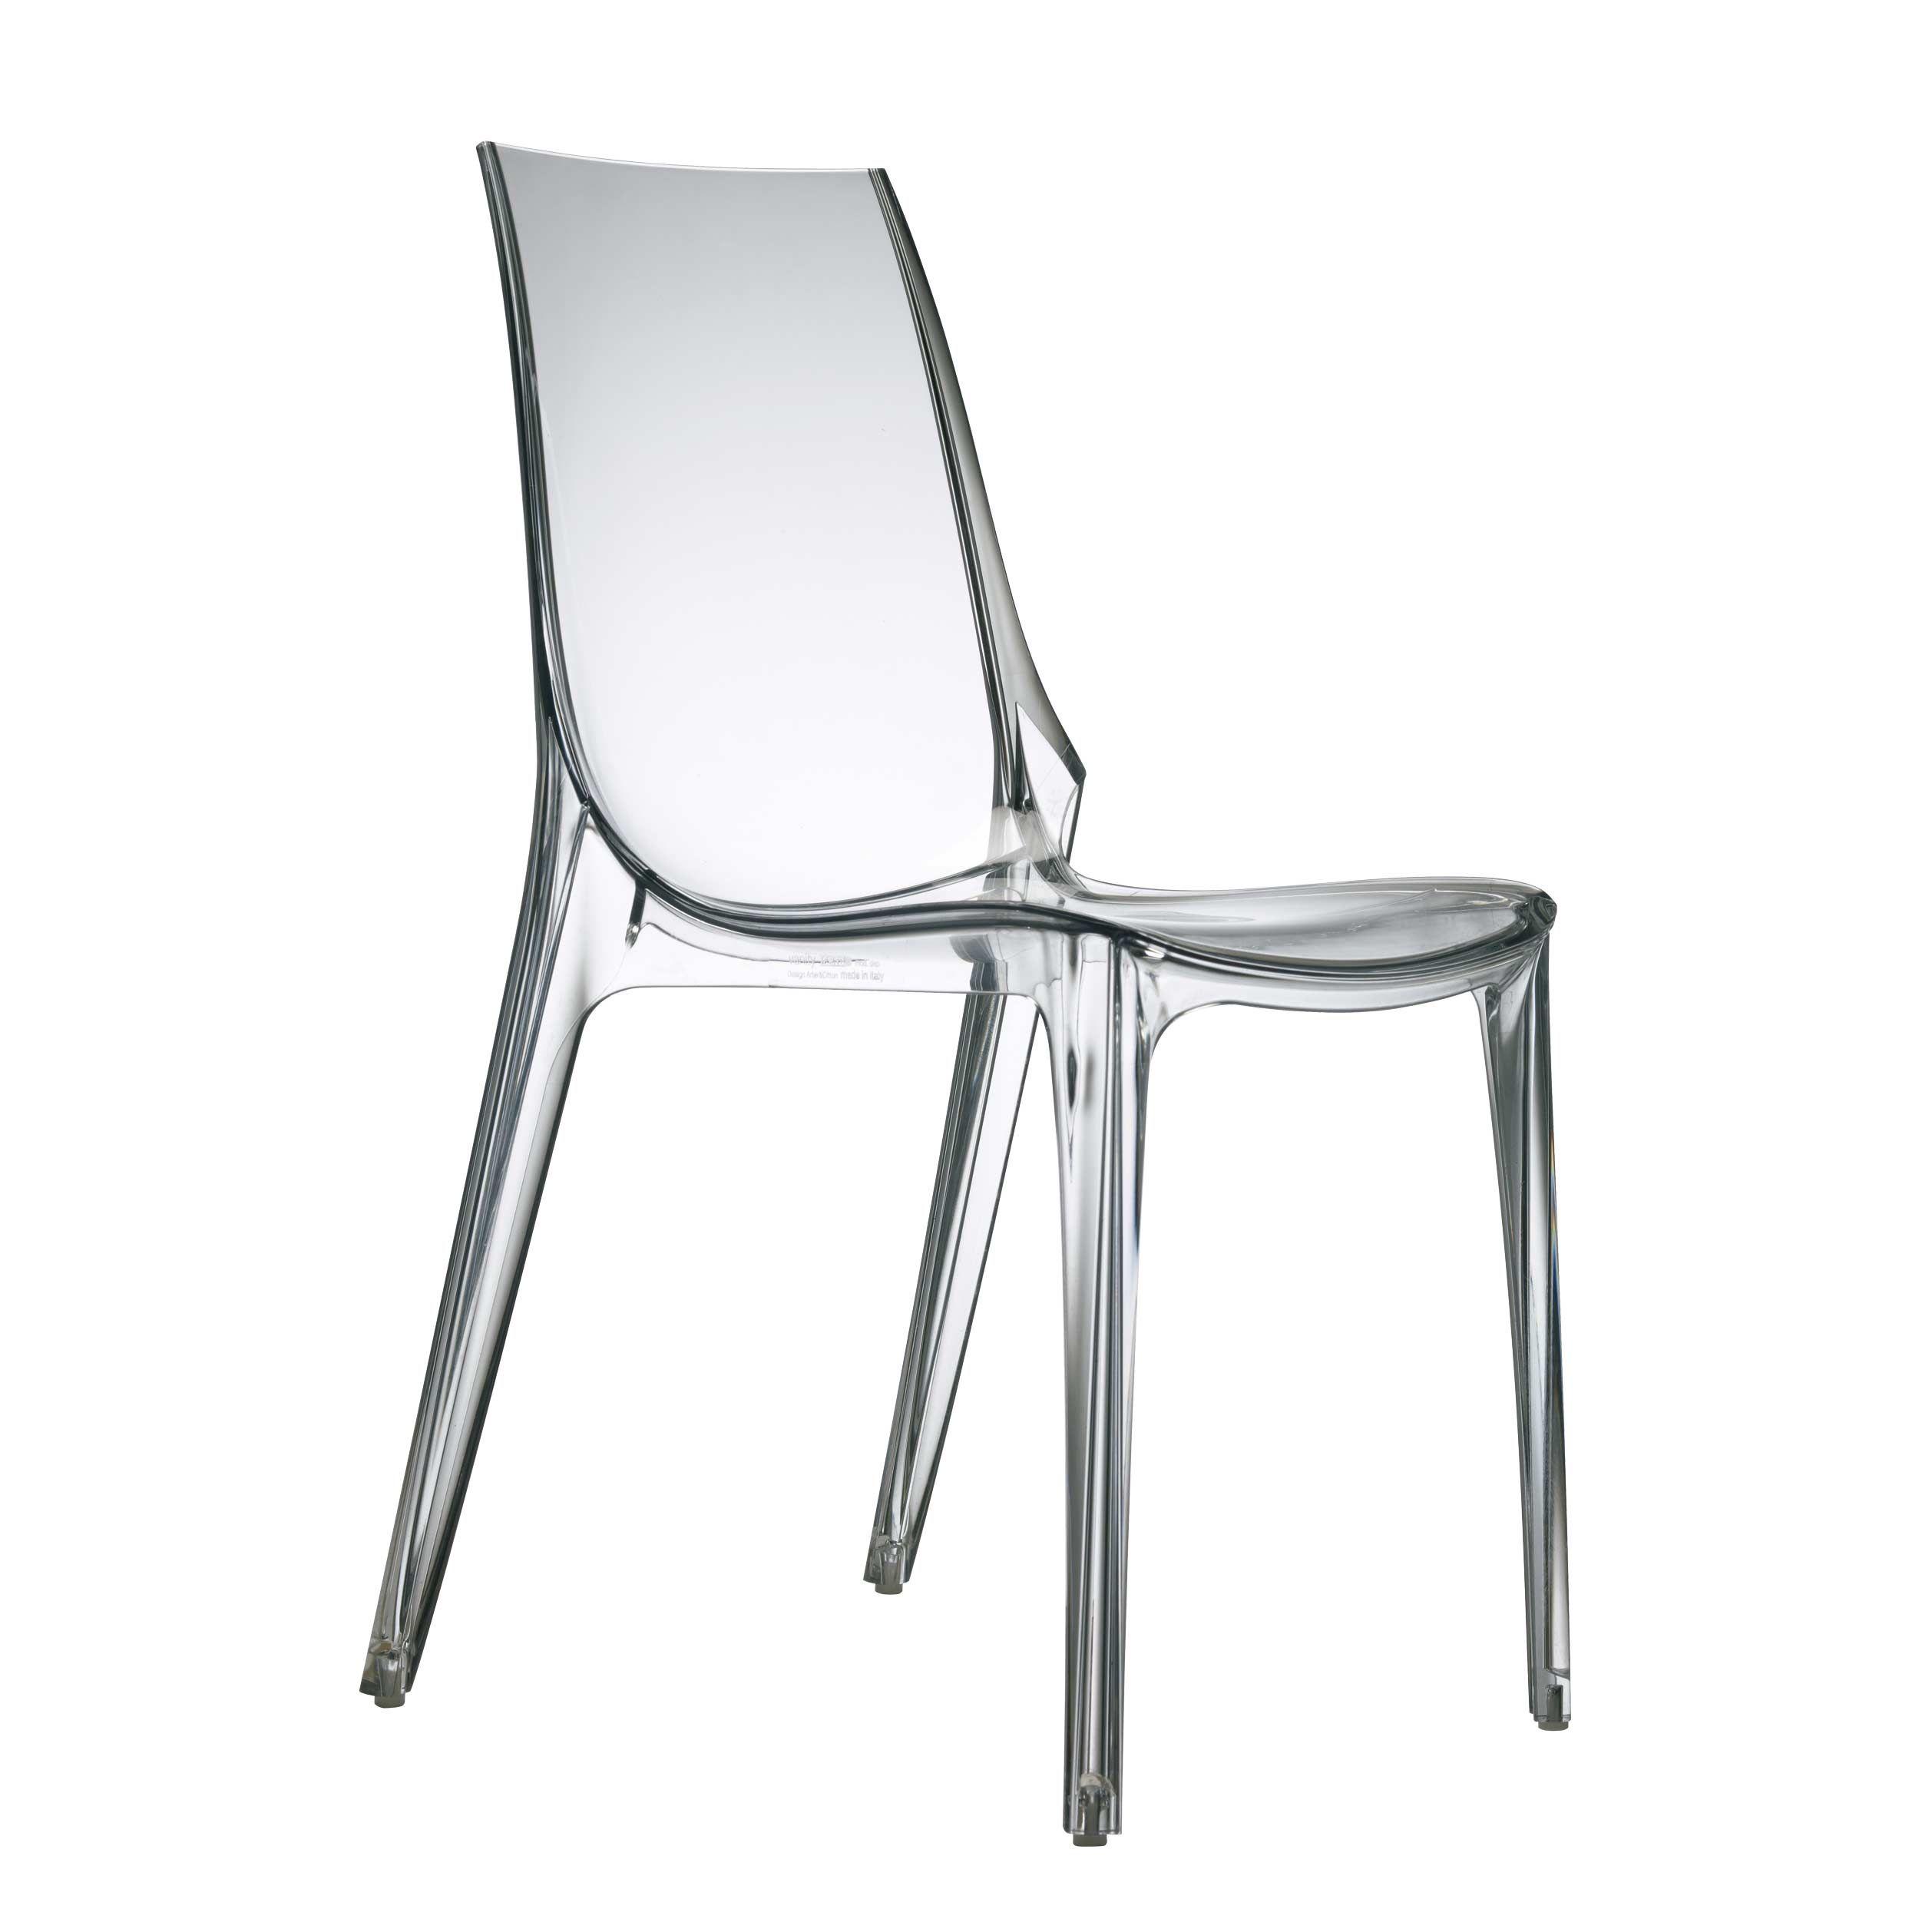 Venta online de sillas y sillones para el hogar cocina oficina hosteler a y exterior los - Sillones de cocina ...